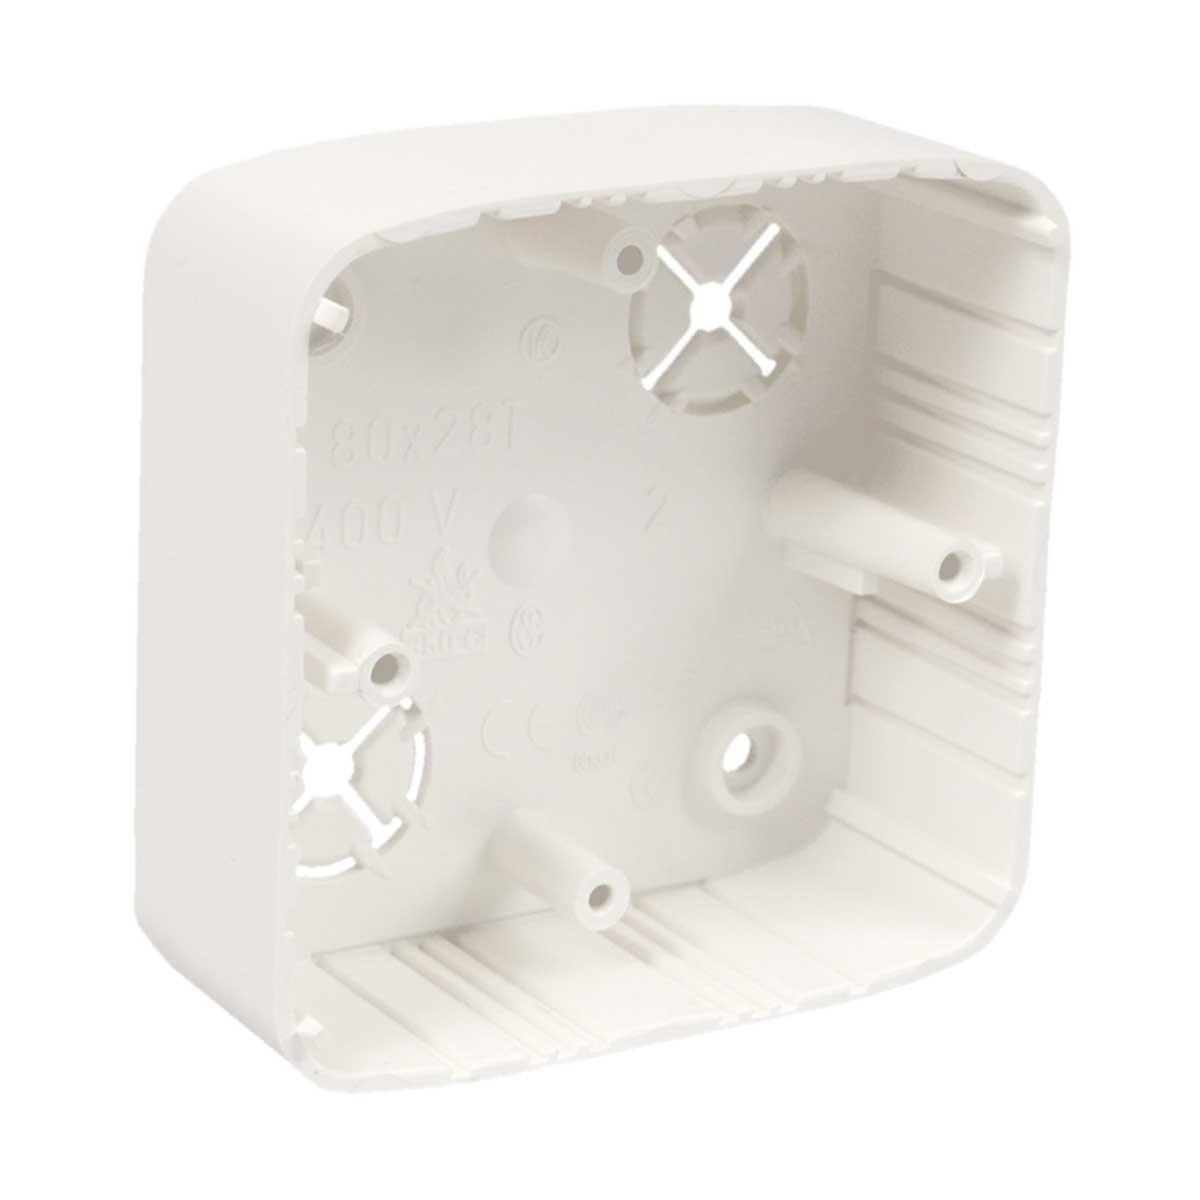 Коробка приладова (бук) ПВХ; розміри 80,5х80,5х28мм